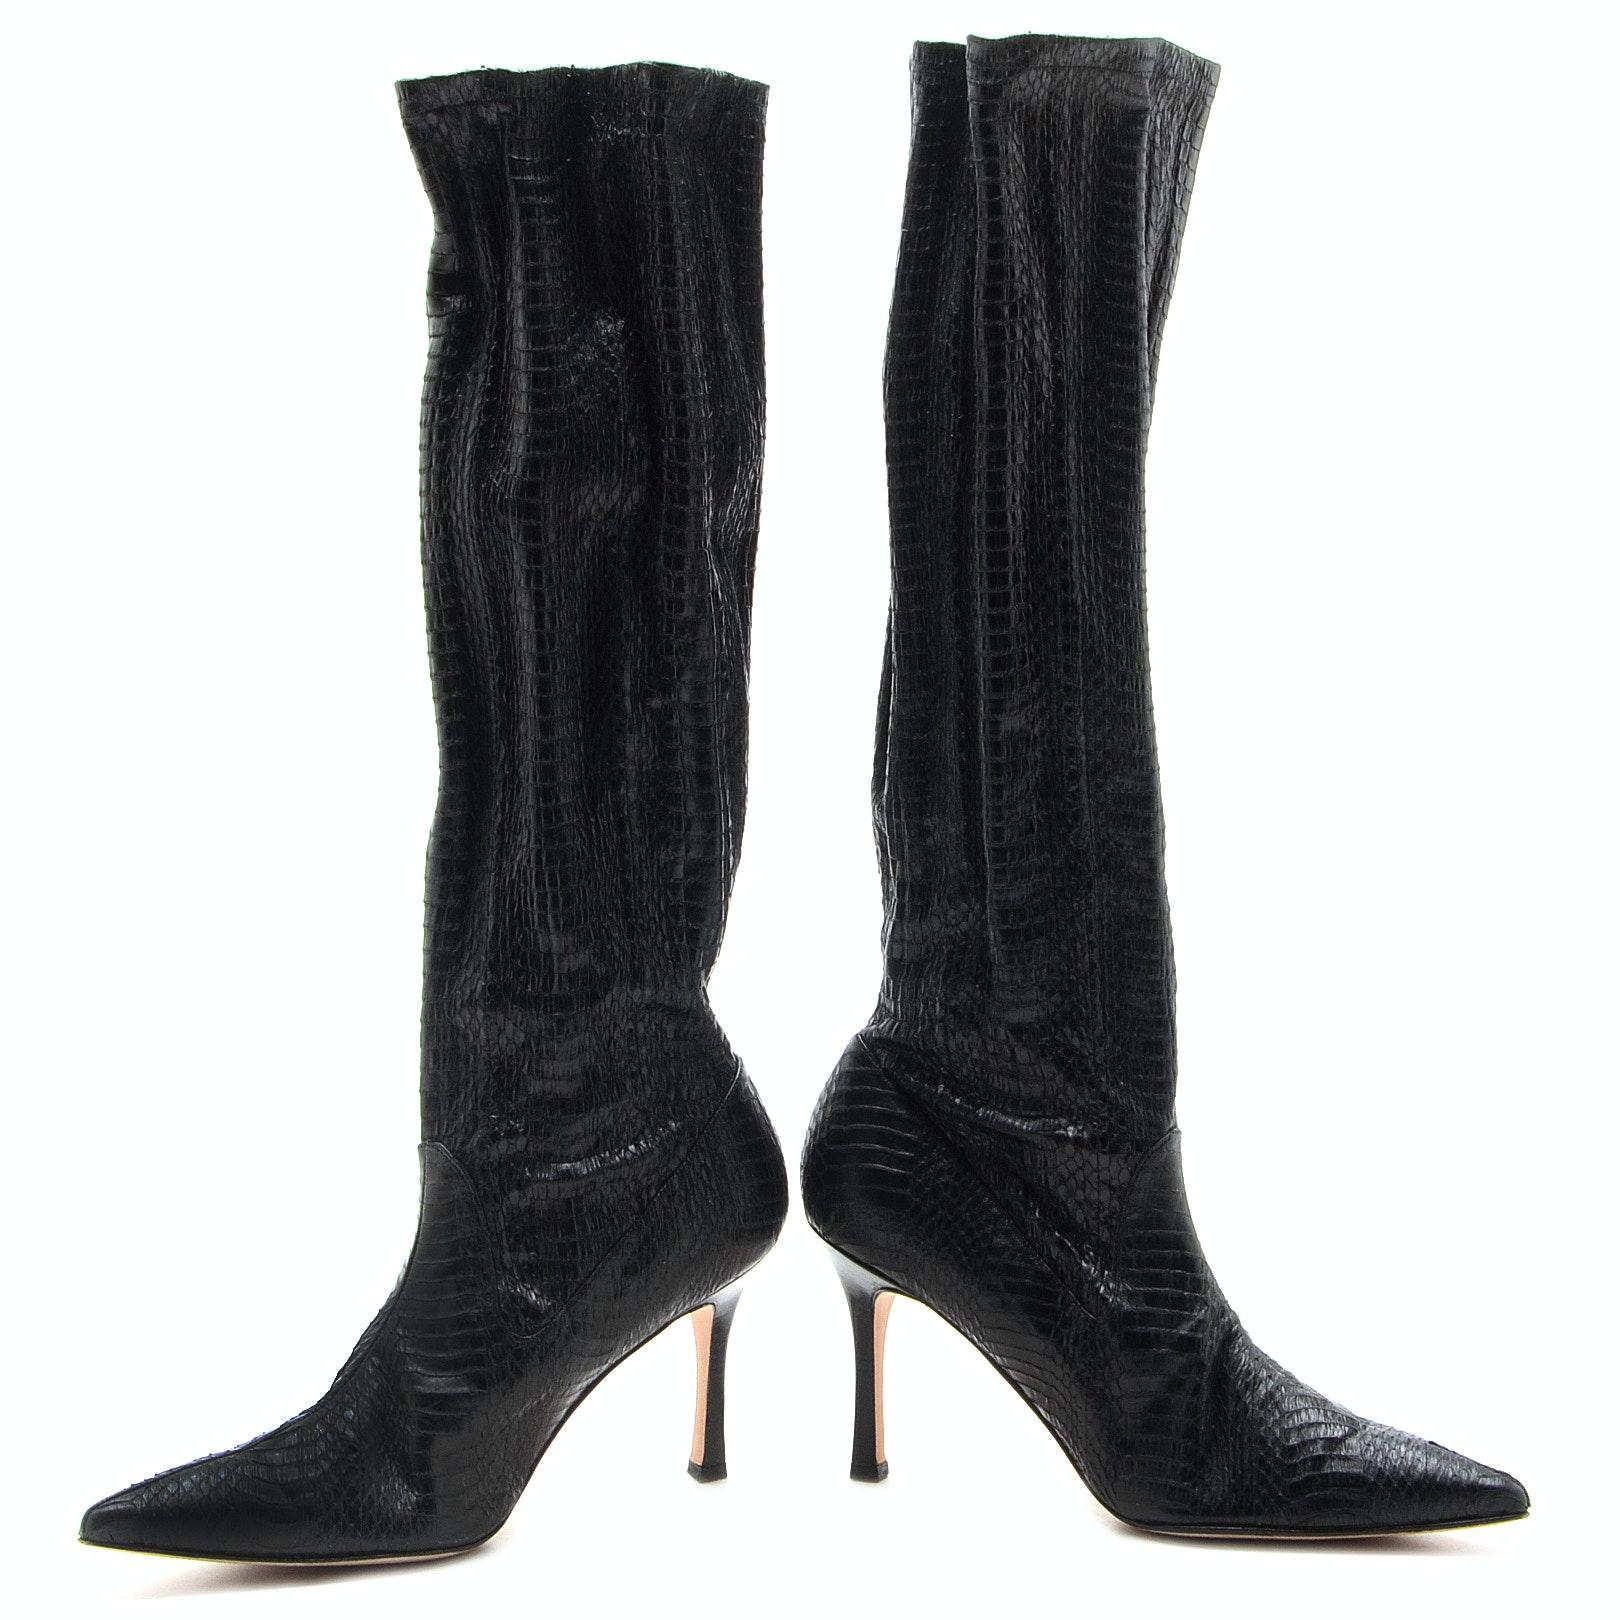 Manolo Blahnik Black Snakeskin Embossed Below-The-Knee Pull-Up Boots